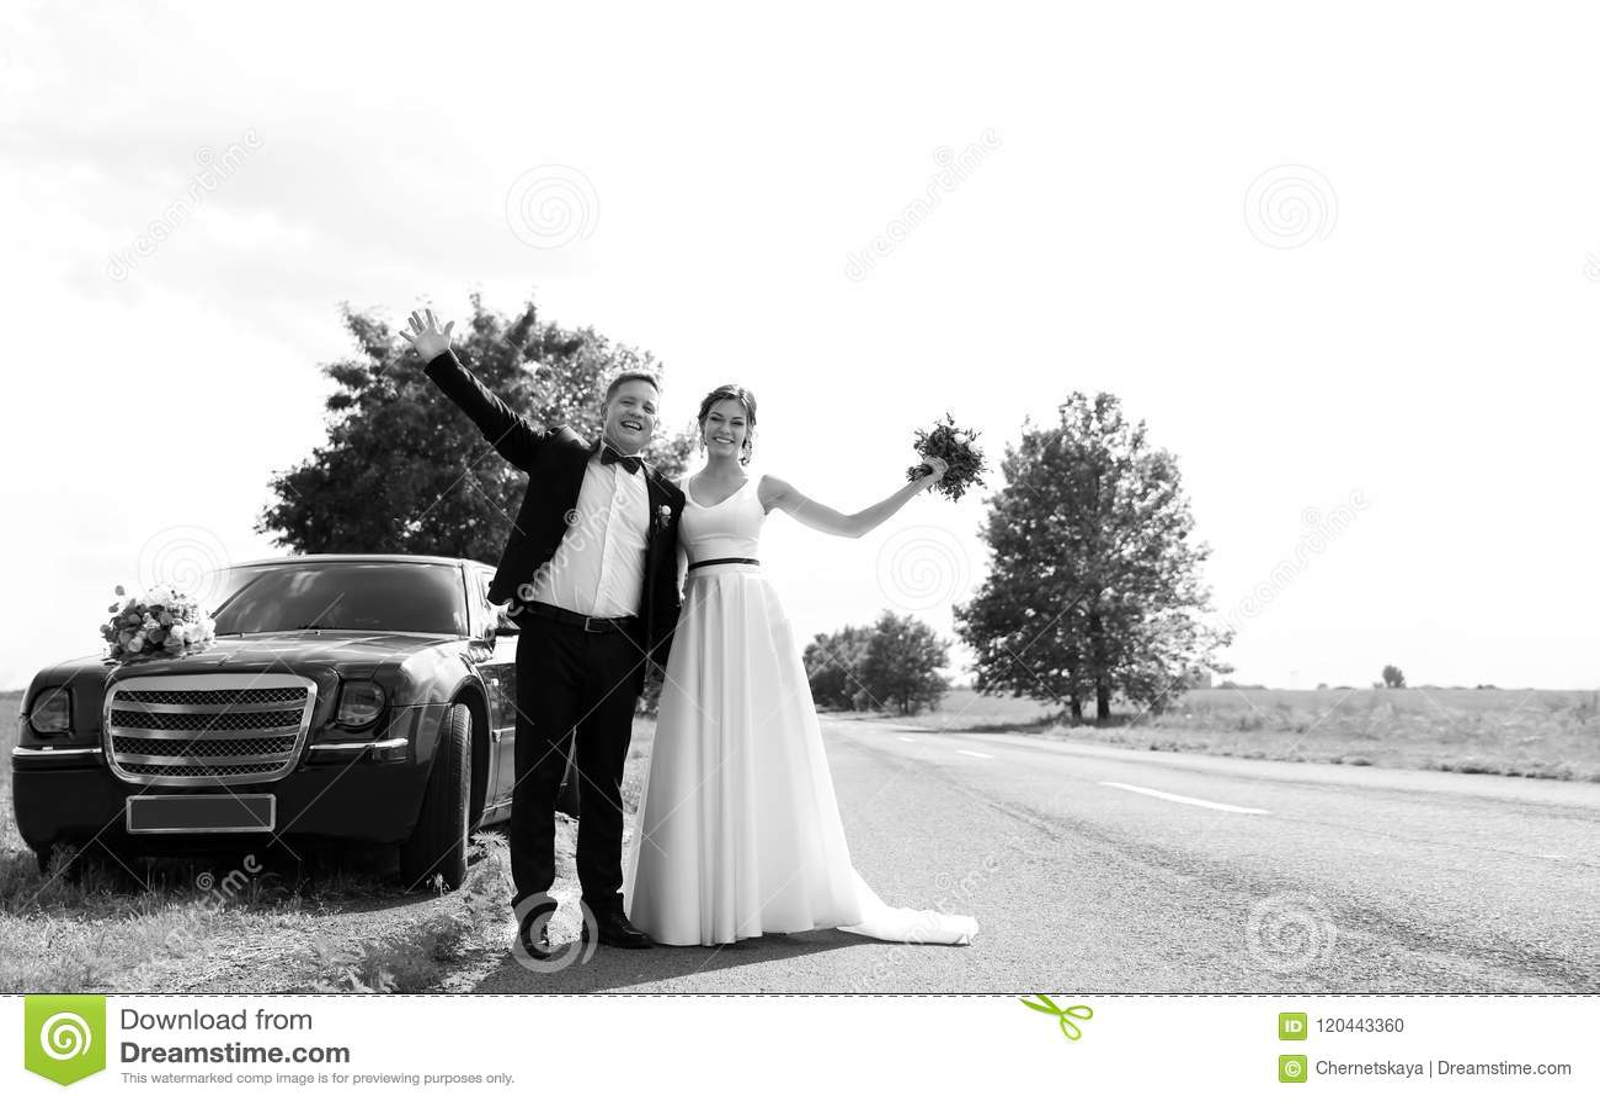 Novia y novio felices cerca del coche al aire libre